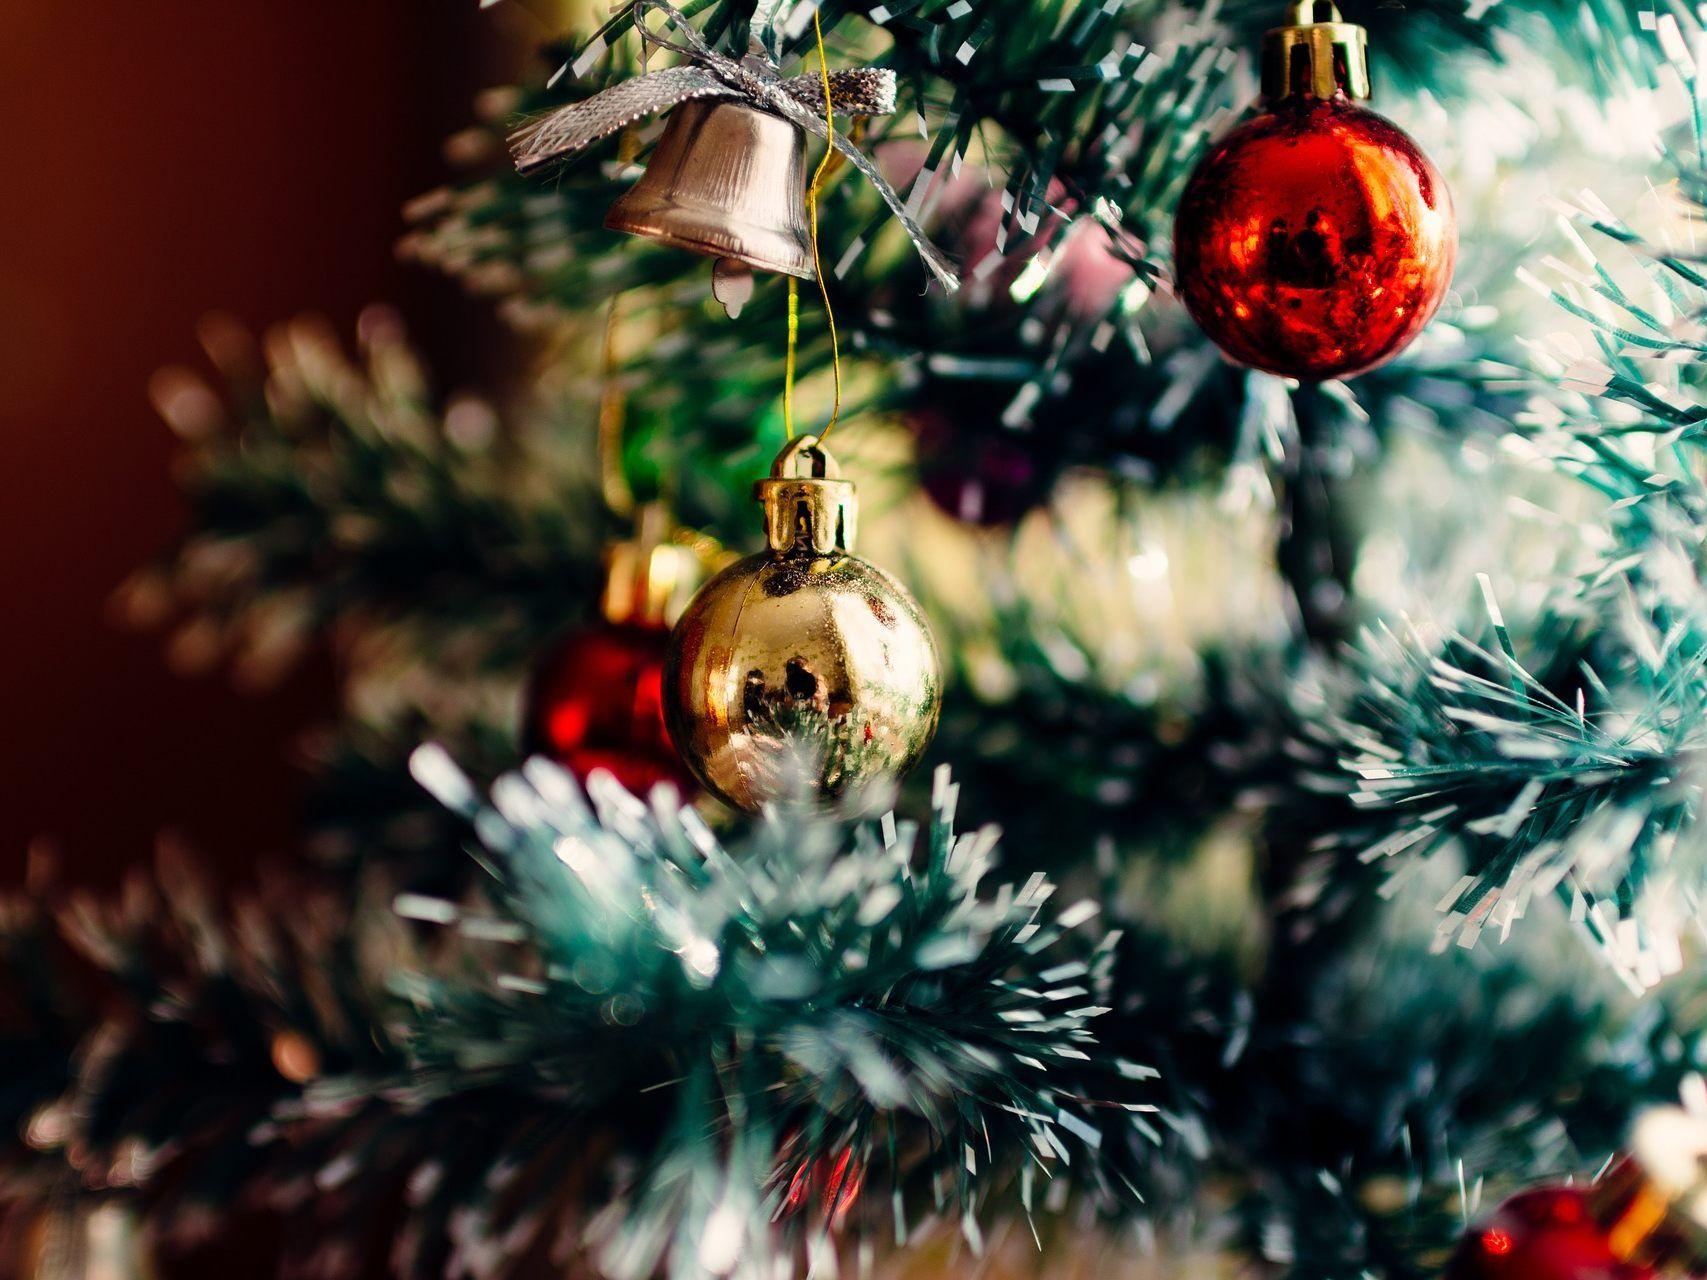 österreich Weihnachtsbaum.Weihnachten In österreich 2018 Menschen Geben Weniger Geld Aus